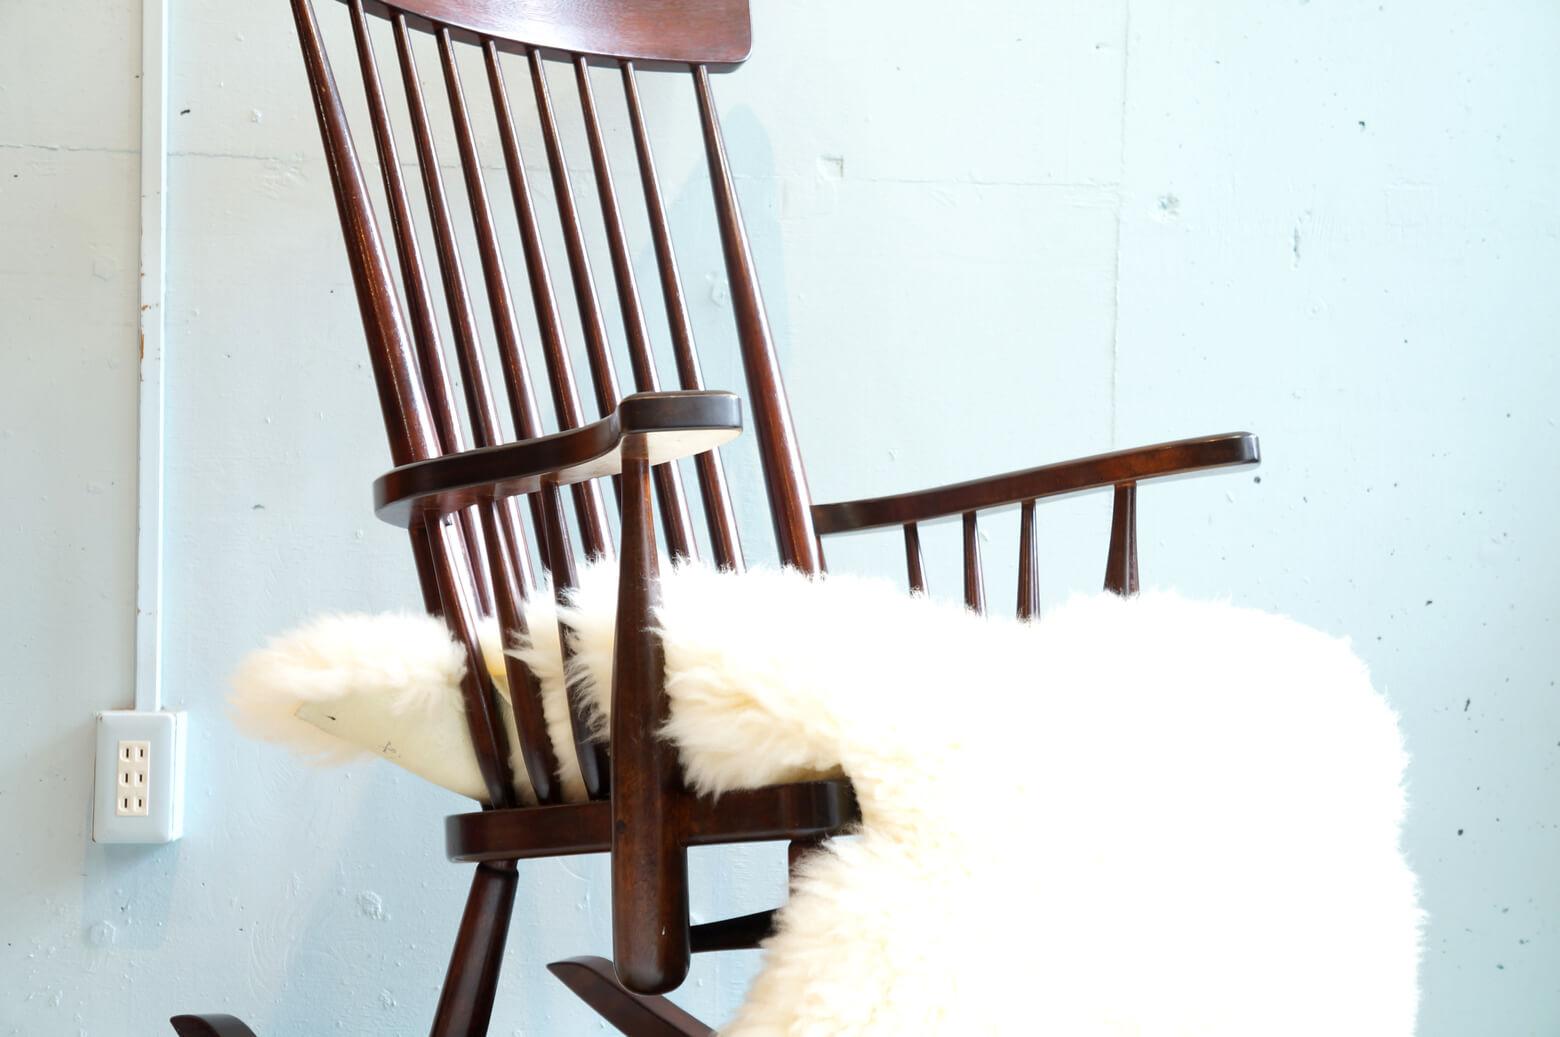 MATUMOTO MINGEI FURNITURE ROCKING CHAIR J TYPE / 松本民芸家具 J型 ロッキングチェア 【商品説明】 昭和19年に長野県で設立された老舗の家具メーカー 松本民芸家具。 伝統的な和家具の技術で作った日本人のための洋家具を作り続けており、 そのモダンなデザインと長く愛用できる耐久性の高さから、今でも非常に人気の高いブランドです。 その中でも、中古市場でも需要の高いのがこちらのロッキングチェア。 使えば使うほど味わいが増し、 職人が昔ながらの釘を使わずほぞ組みなど木のパーツを組んで椅子を製作。 丈夫な作りに仕上がりそして修理がきくことも人気の理由です。 座面に細かなキズがございますが 雰囲気のある古家具の風情のように 味わいとしてお楽しみいただければと思います。 機能性と見た目の美しさが共存した松本民芸家具の「用の美」を 堪能できるロッキングチェア、是非この機会にいかがでしょうか。 ,中古,東京都,杉並区,阿佐ヶ谷,北,アンティーク,ショップ,古一,ZACK,高円寺,店,古,一,出張,無料,買取,杉並区,周辺,世田谷区,目黒区,武蔵野市,新宿区,東京近郊,お見積もり,ビンテージ家具,インテリア雑貨,ランプ,USED品, リサイクル,ふるいち,フルイチ,古一,used,furuichi~【東京都杉並区阿佐ヶ谷北アンティークショップ 古一/ZACK高円寺店】 古一/ふるいちでは出張無料買取も行っております。杉並区周辺はもちろん、世田谷区・目黒区・武蔵野市・新宿区等の東京近郊のお見積もりも!ビンテージ家具・インテリア雑貨・ランプ・USED品・ リサイクルなら古一/フルイチへ~